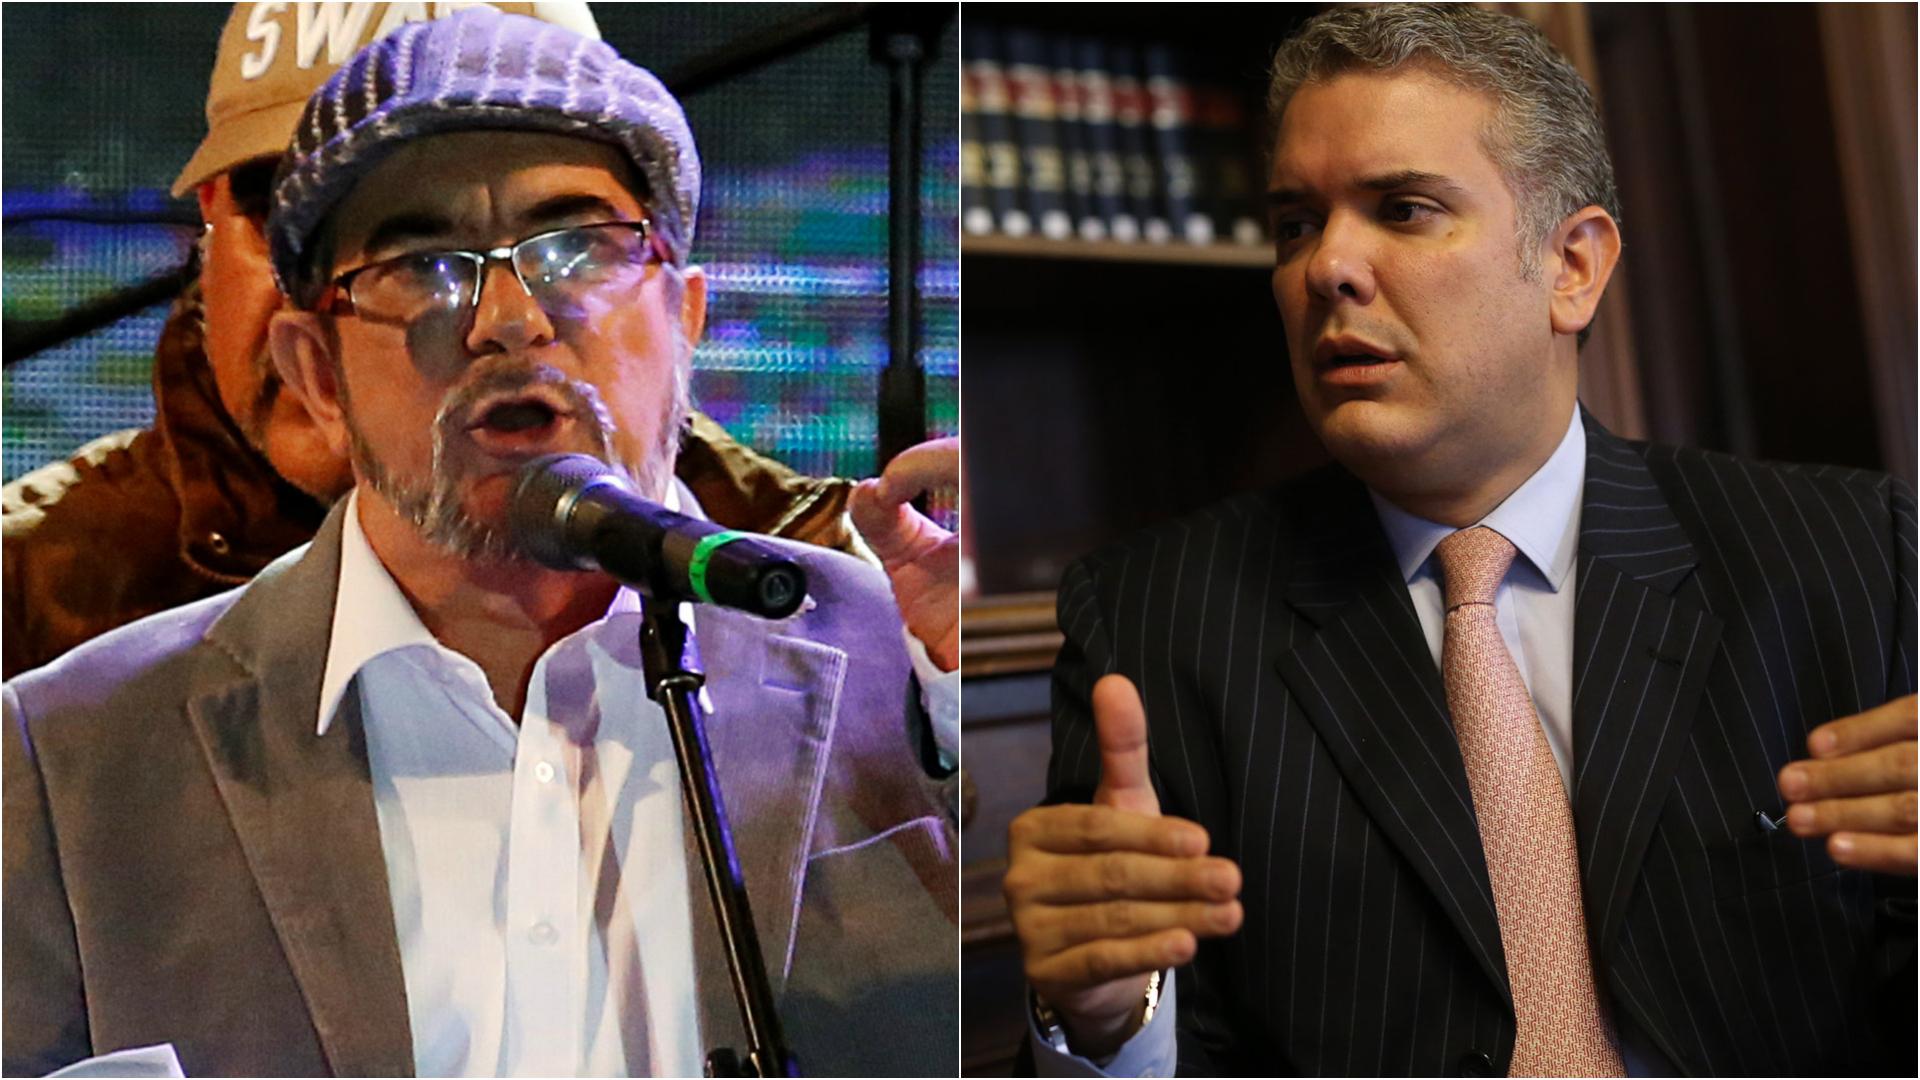 El líder de las FARC Timochenko y el presidente electo de Colombia Iván Duque